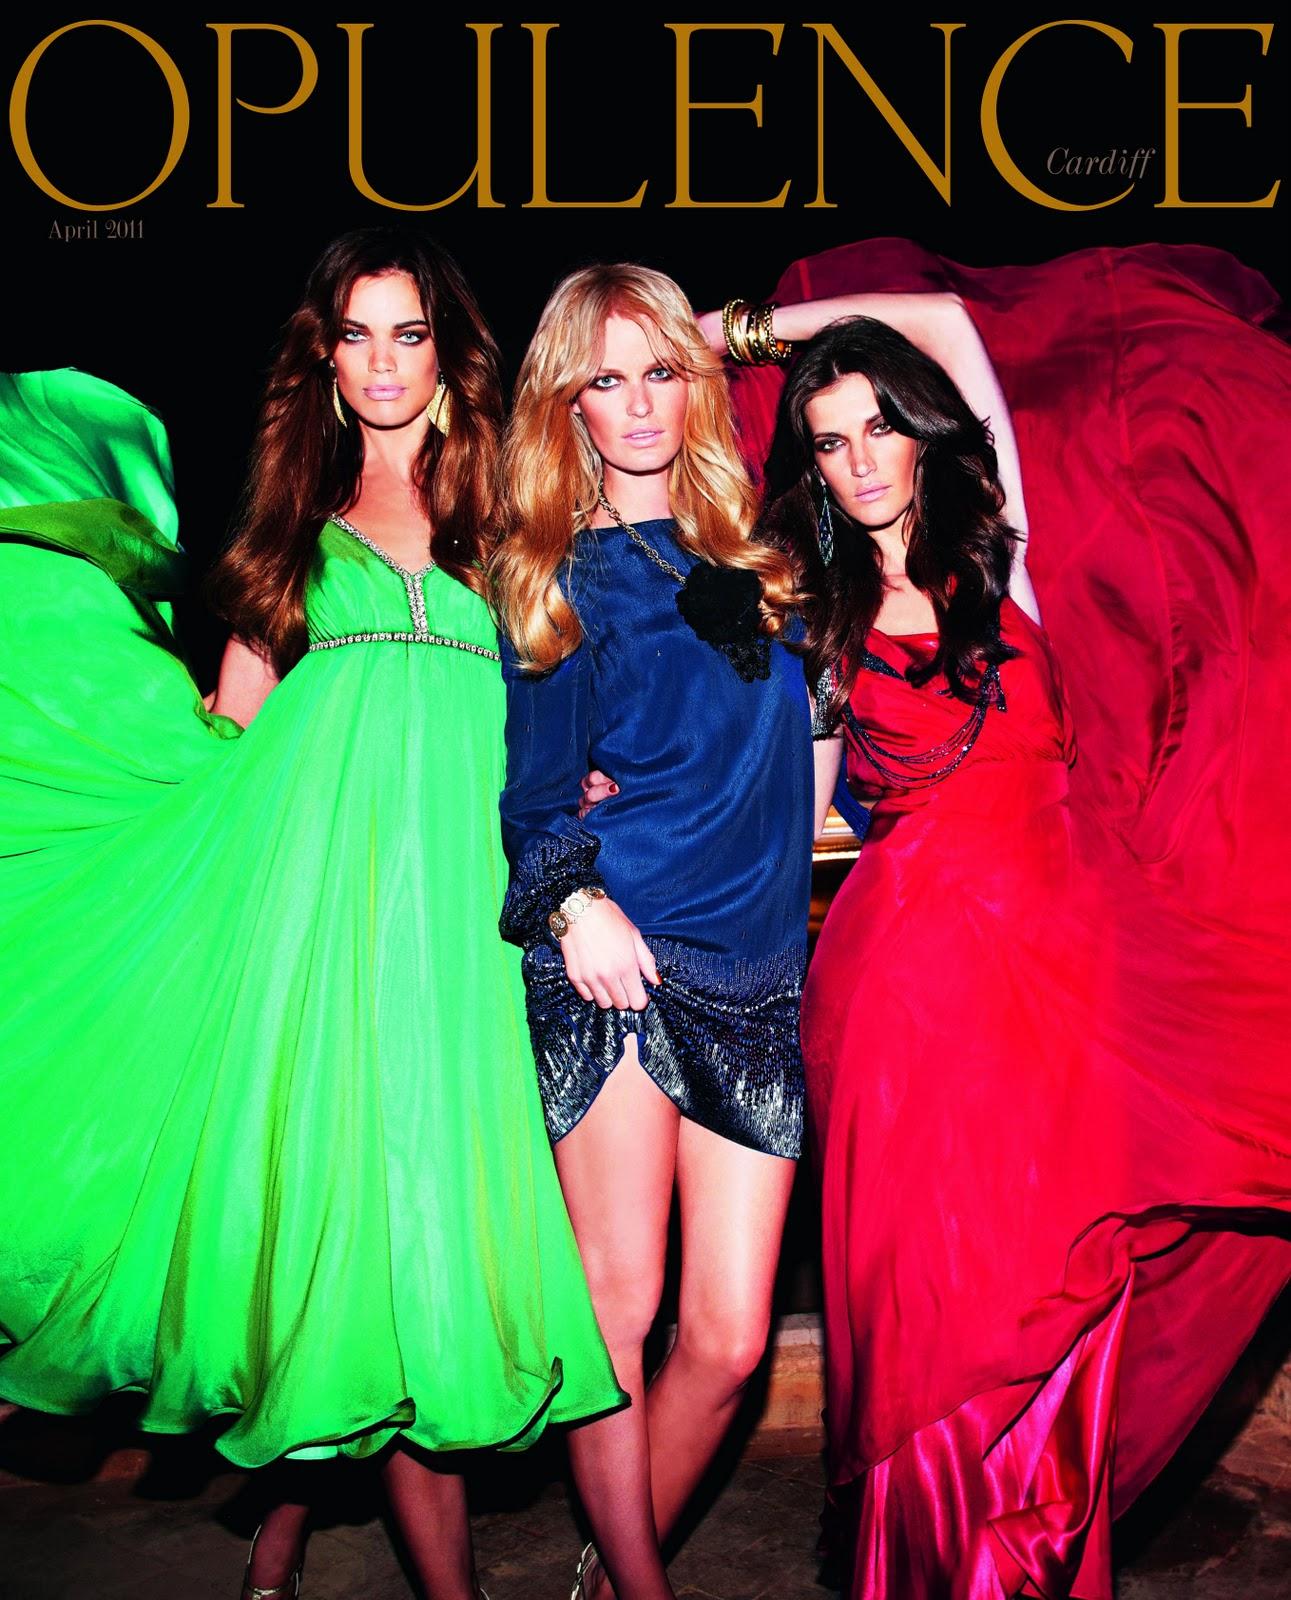 Natalie Glasgow Blog: Opulence Magazine